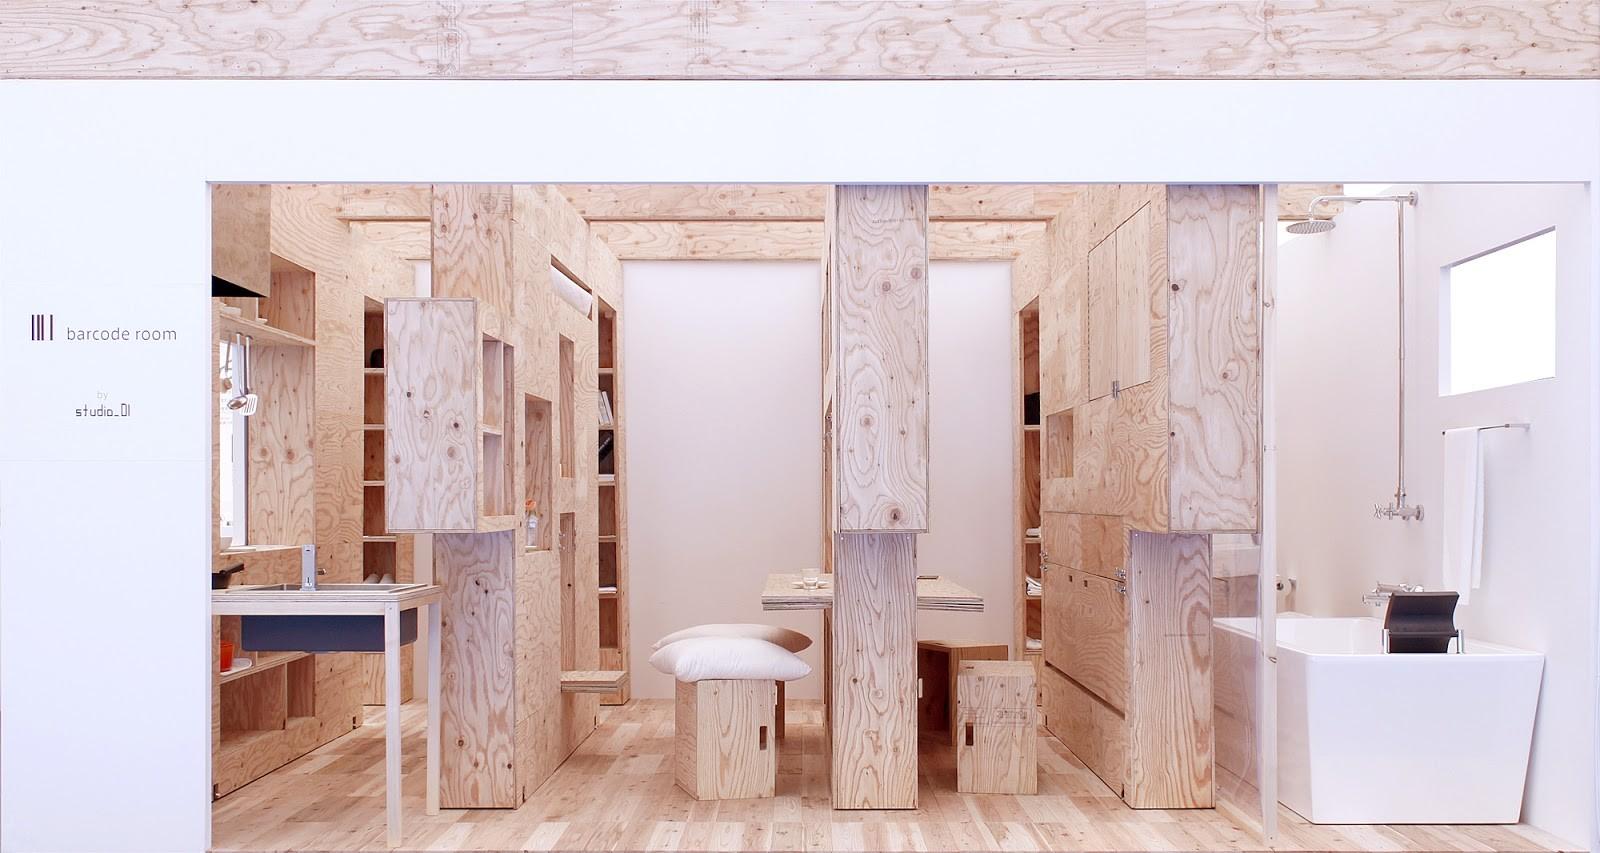 Barcode room un espacio m nimo y flexible a trav s de for Espacios minimos arquitectura